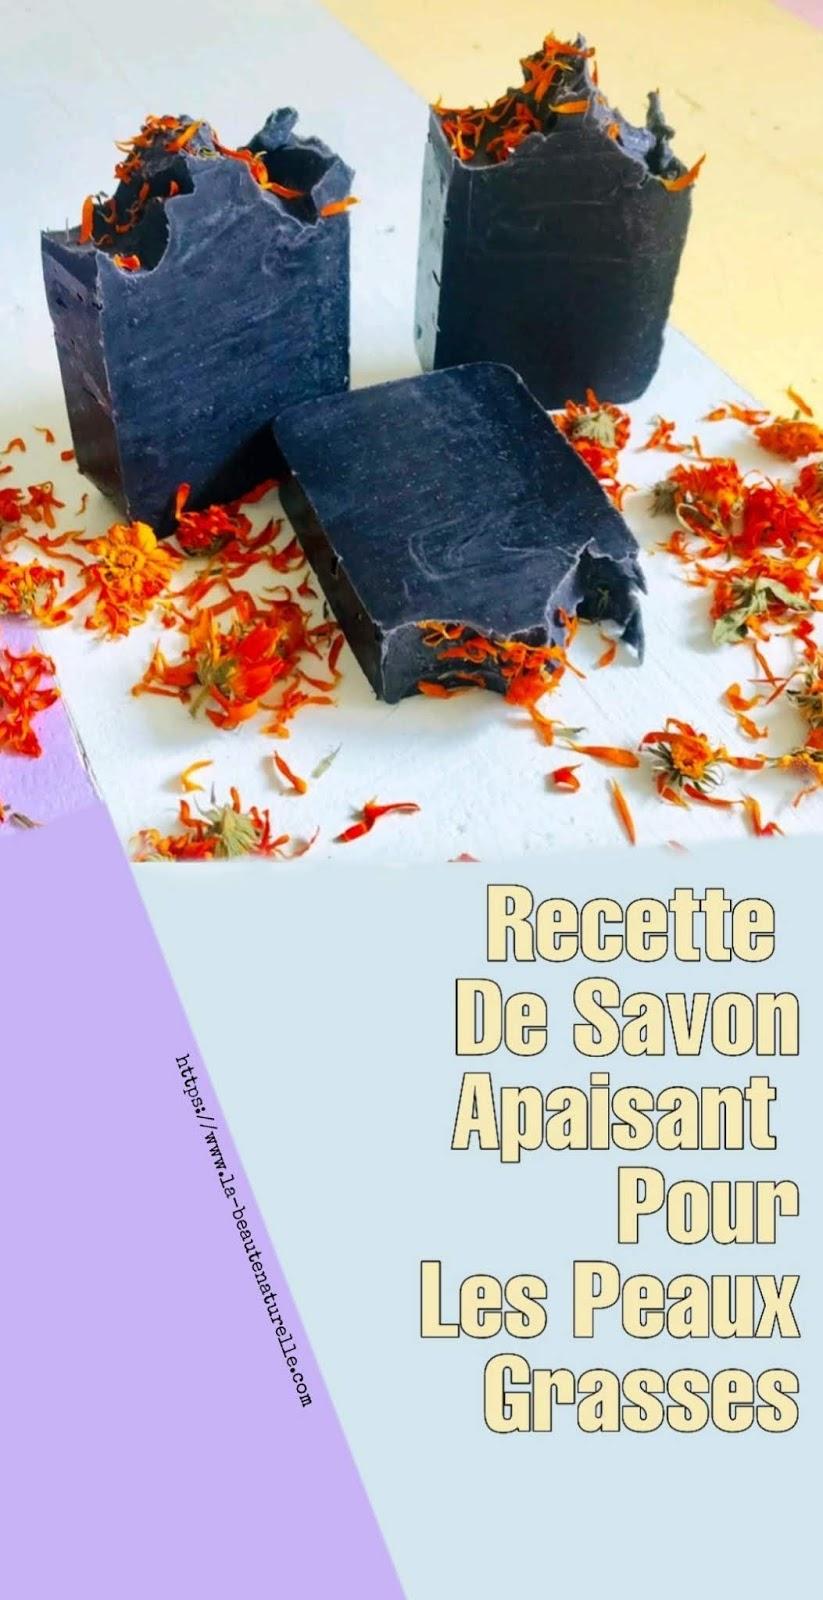 Recette De Savon Apaisant Pour Les Peaux Grasses